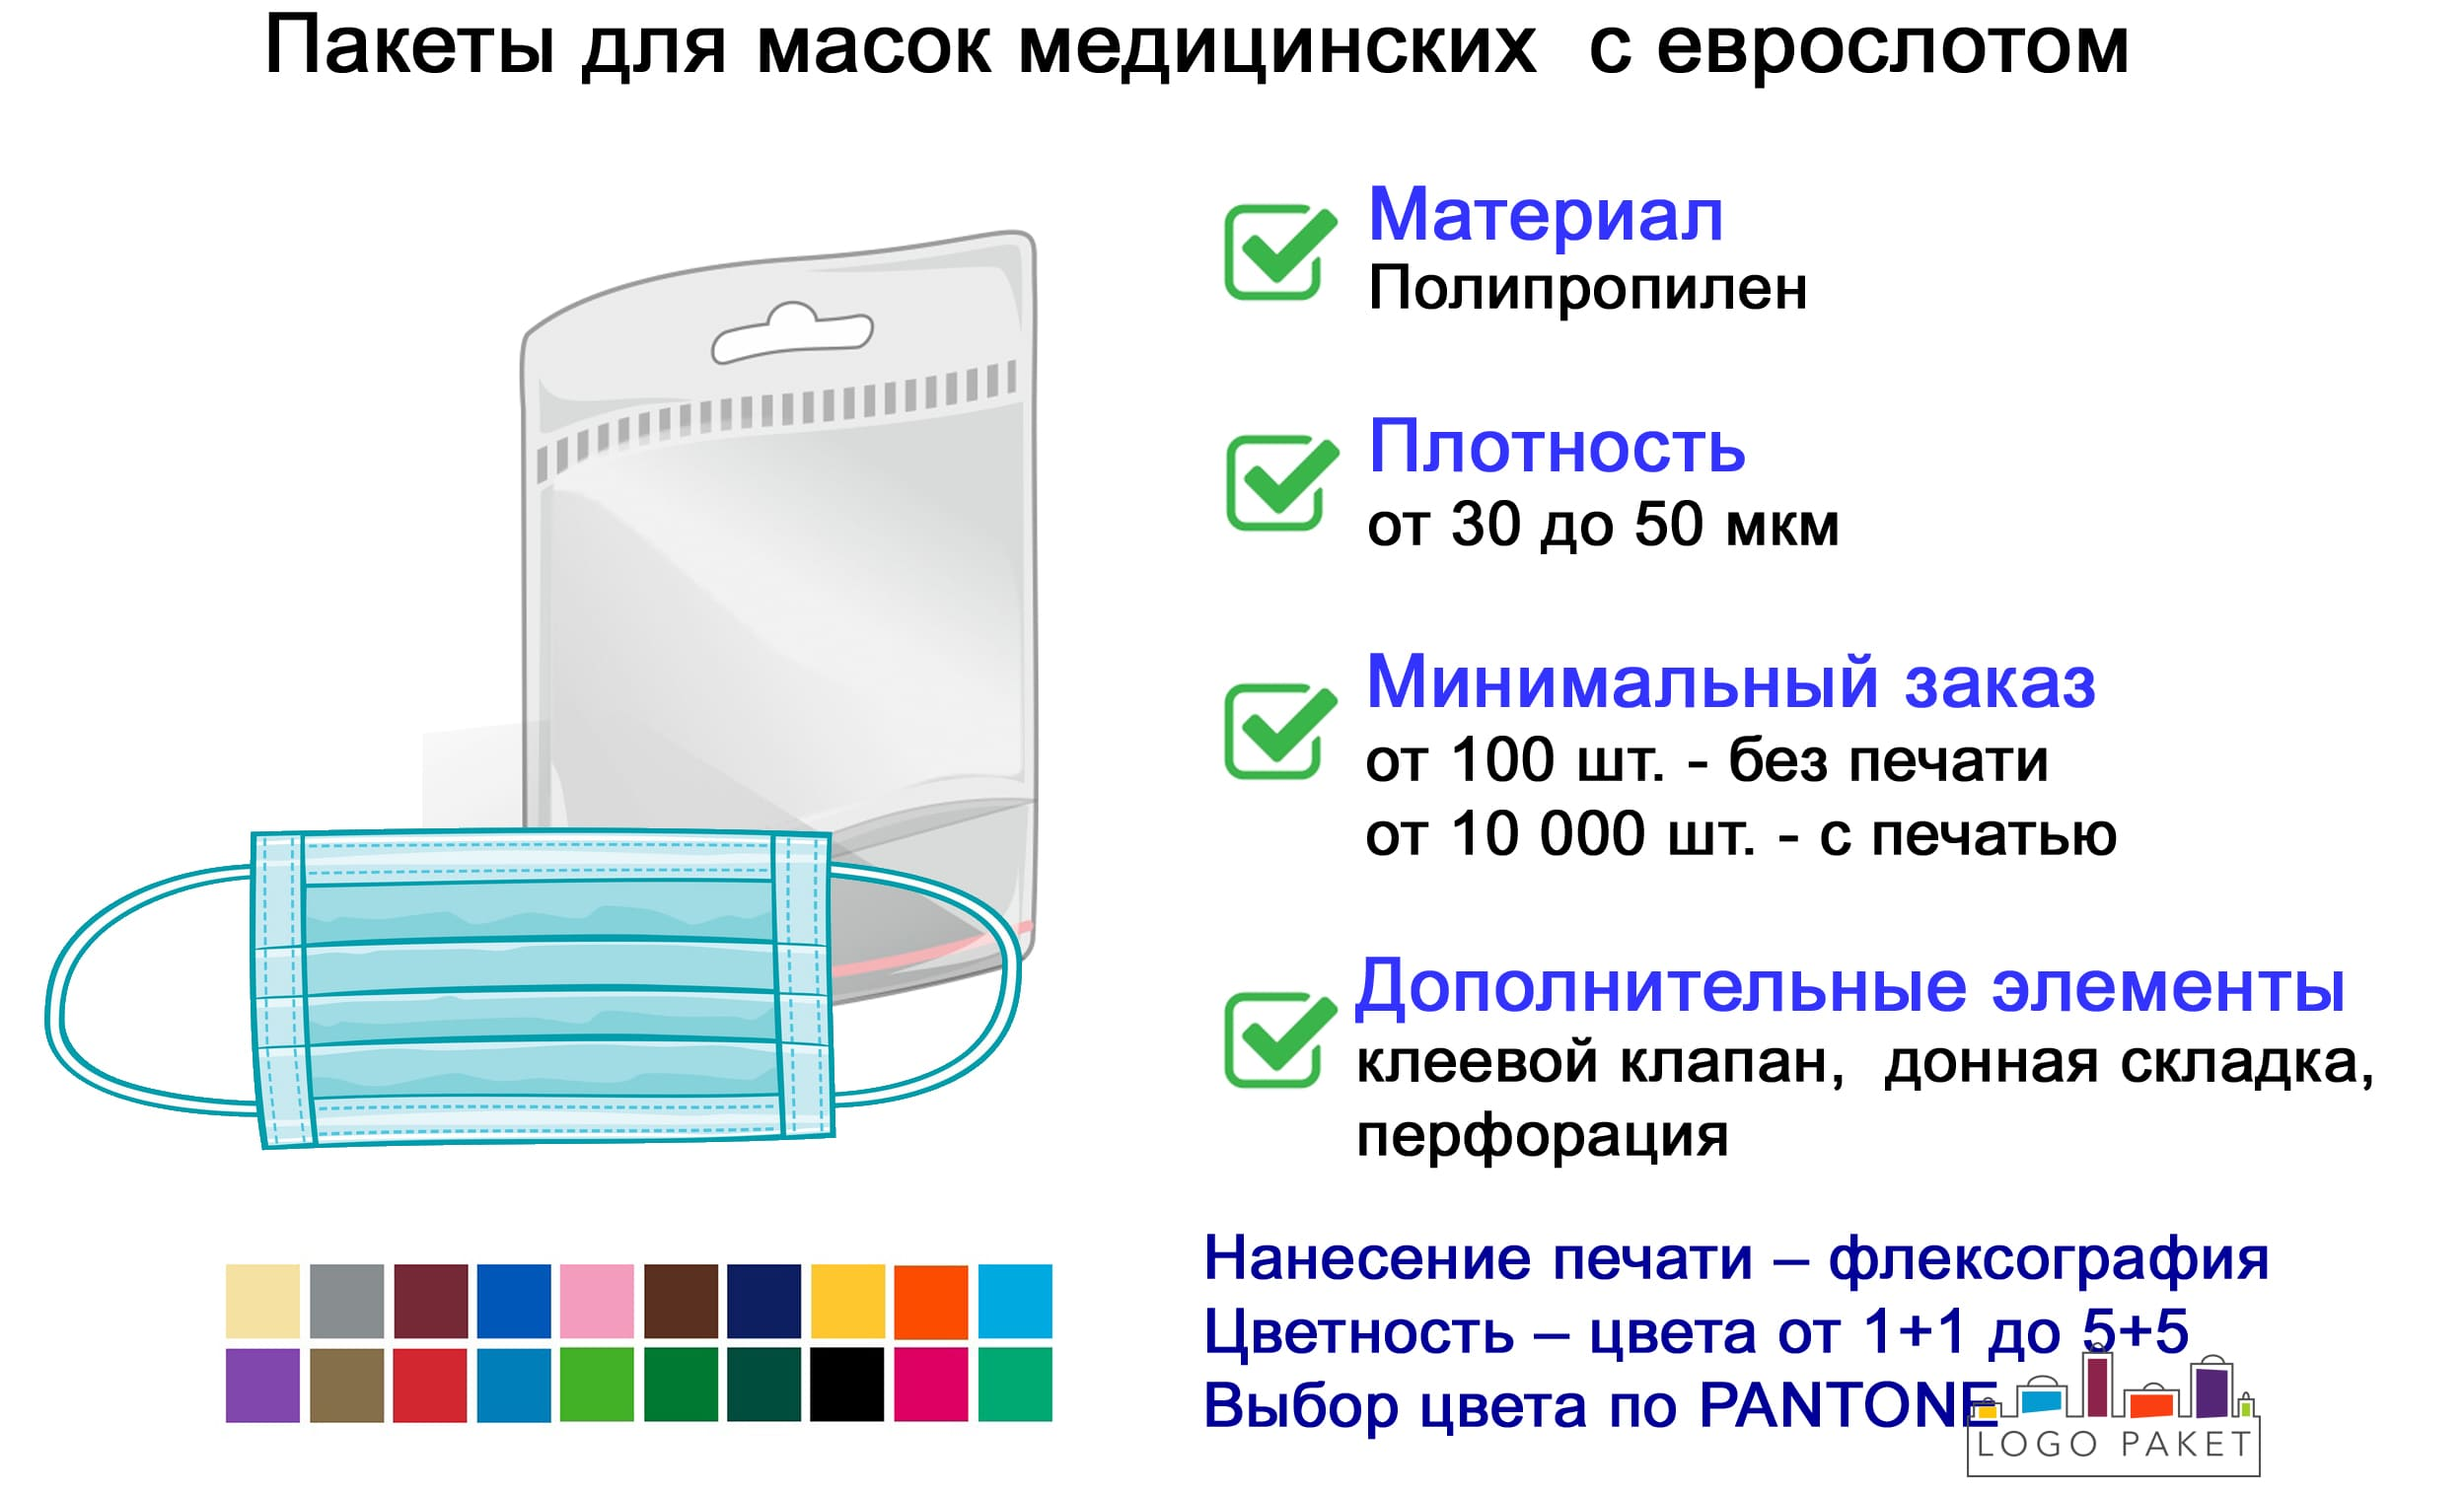 Пакеты для масок медицинских с еврослотом инфографика